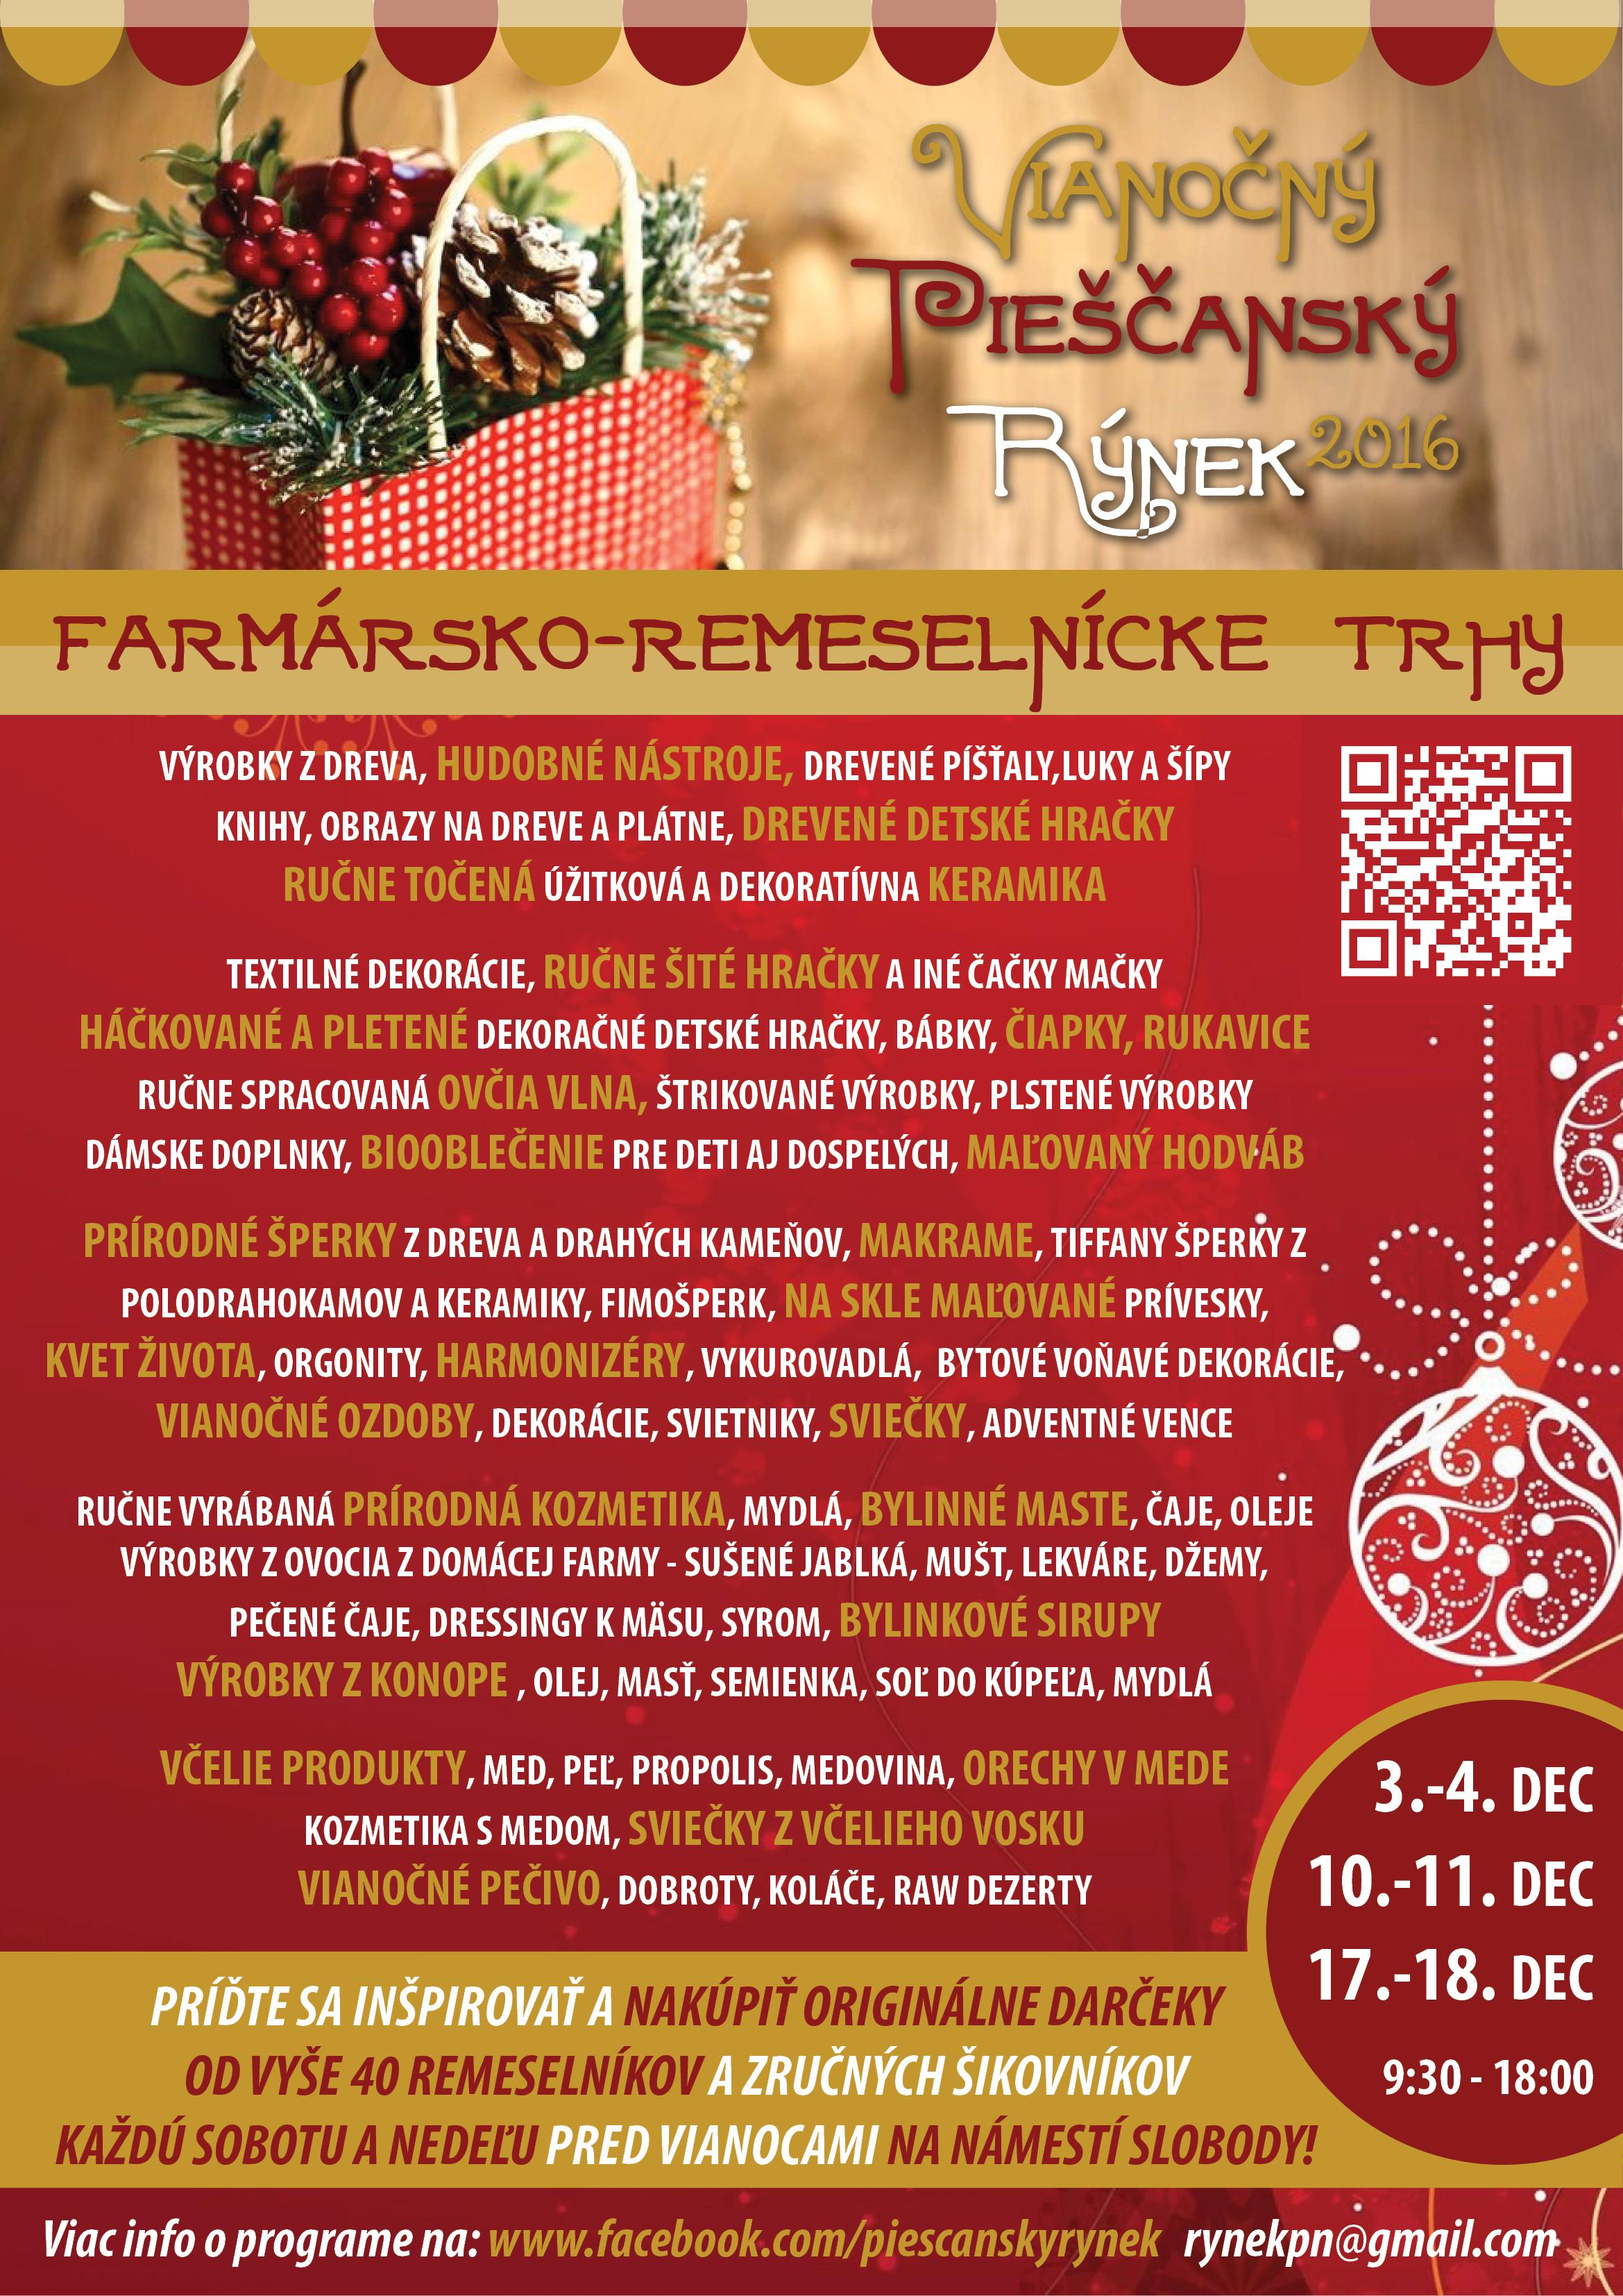 plagat_vianocnyrynek2016